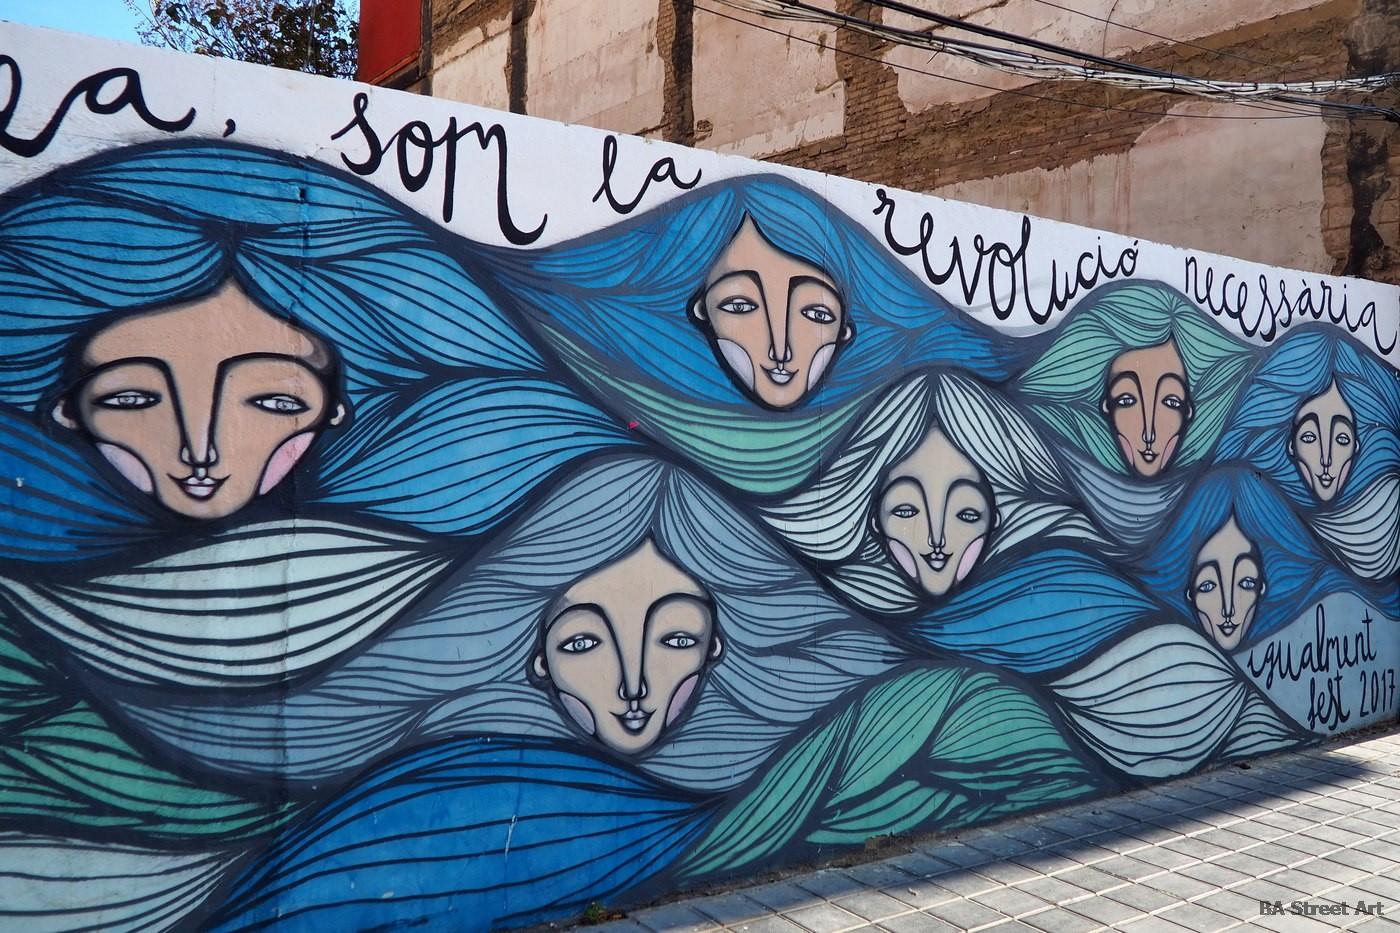 igualidad de genero dia de la mujer derechos de la mujer feminina marcha ni una menos igualment fest cabanyal valencia mural iris serrano artista ilustradora